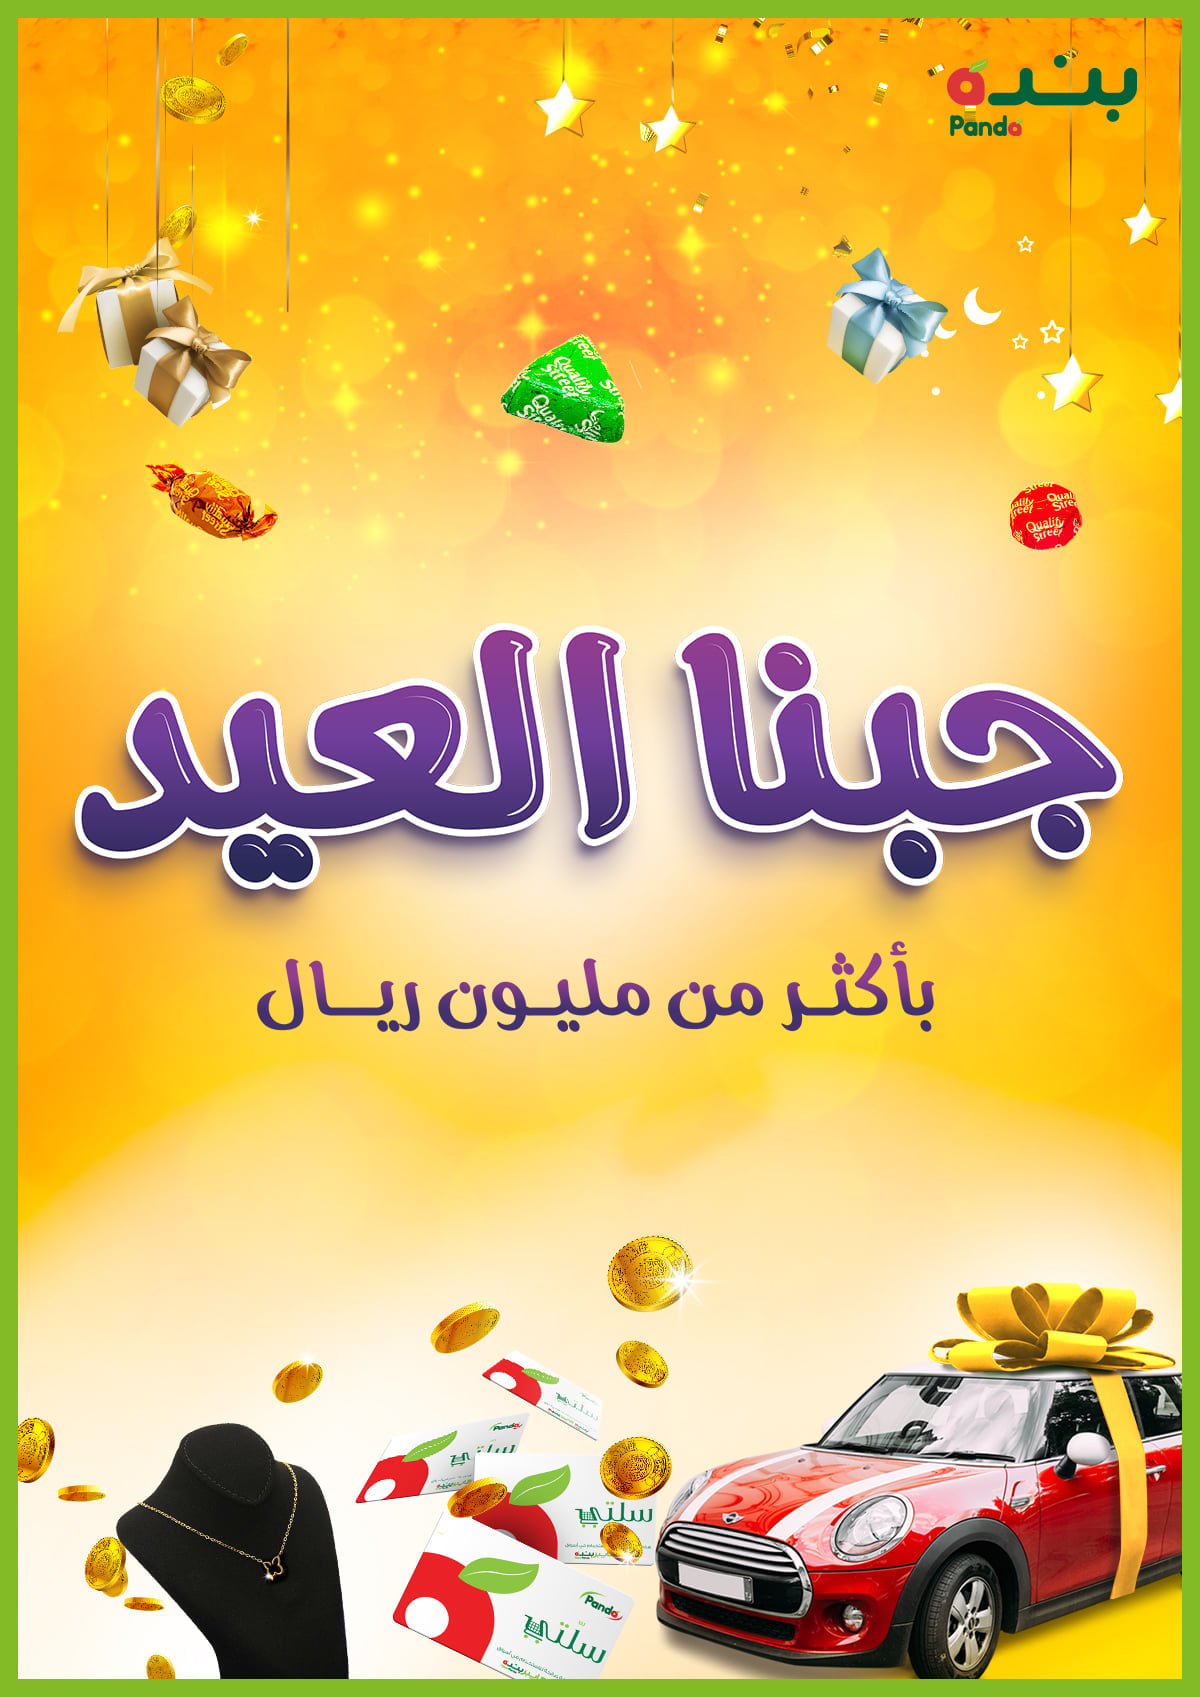 عروض بنده السعودية اليوم 12 مايو حتى 18 مايو 2021 جبنا العيد